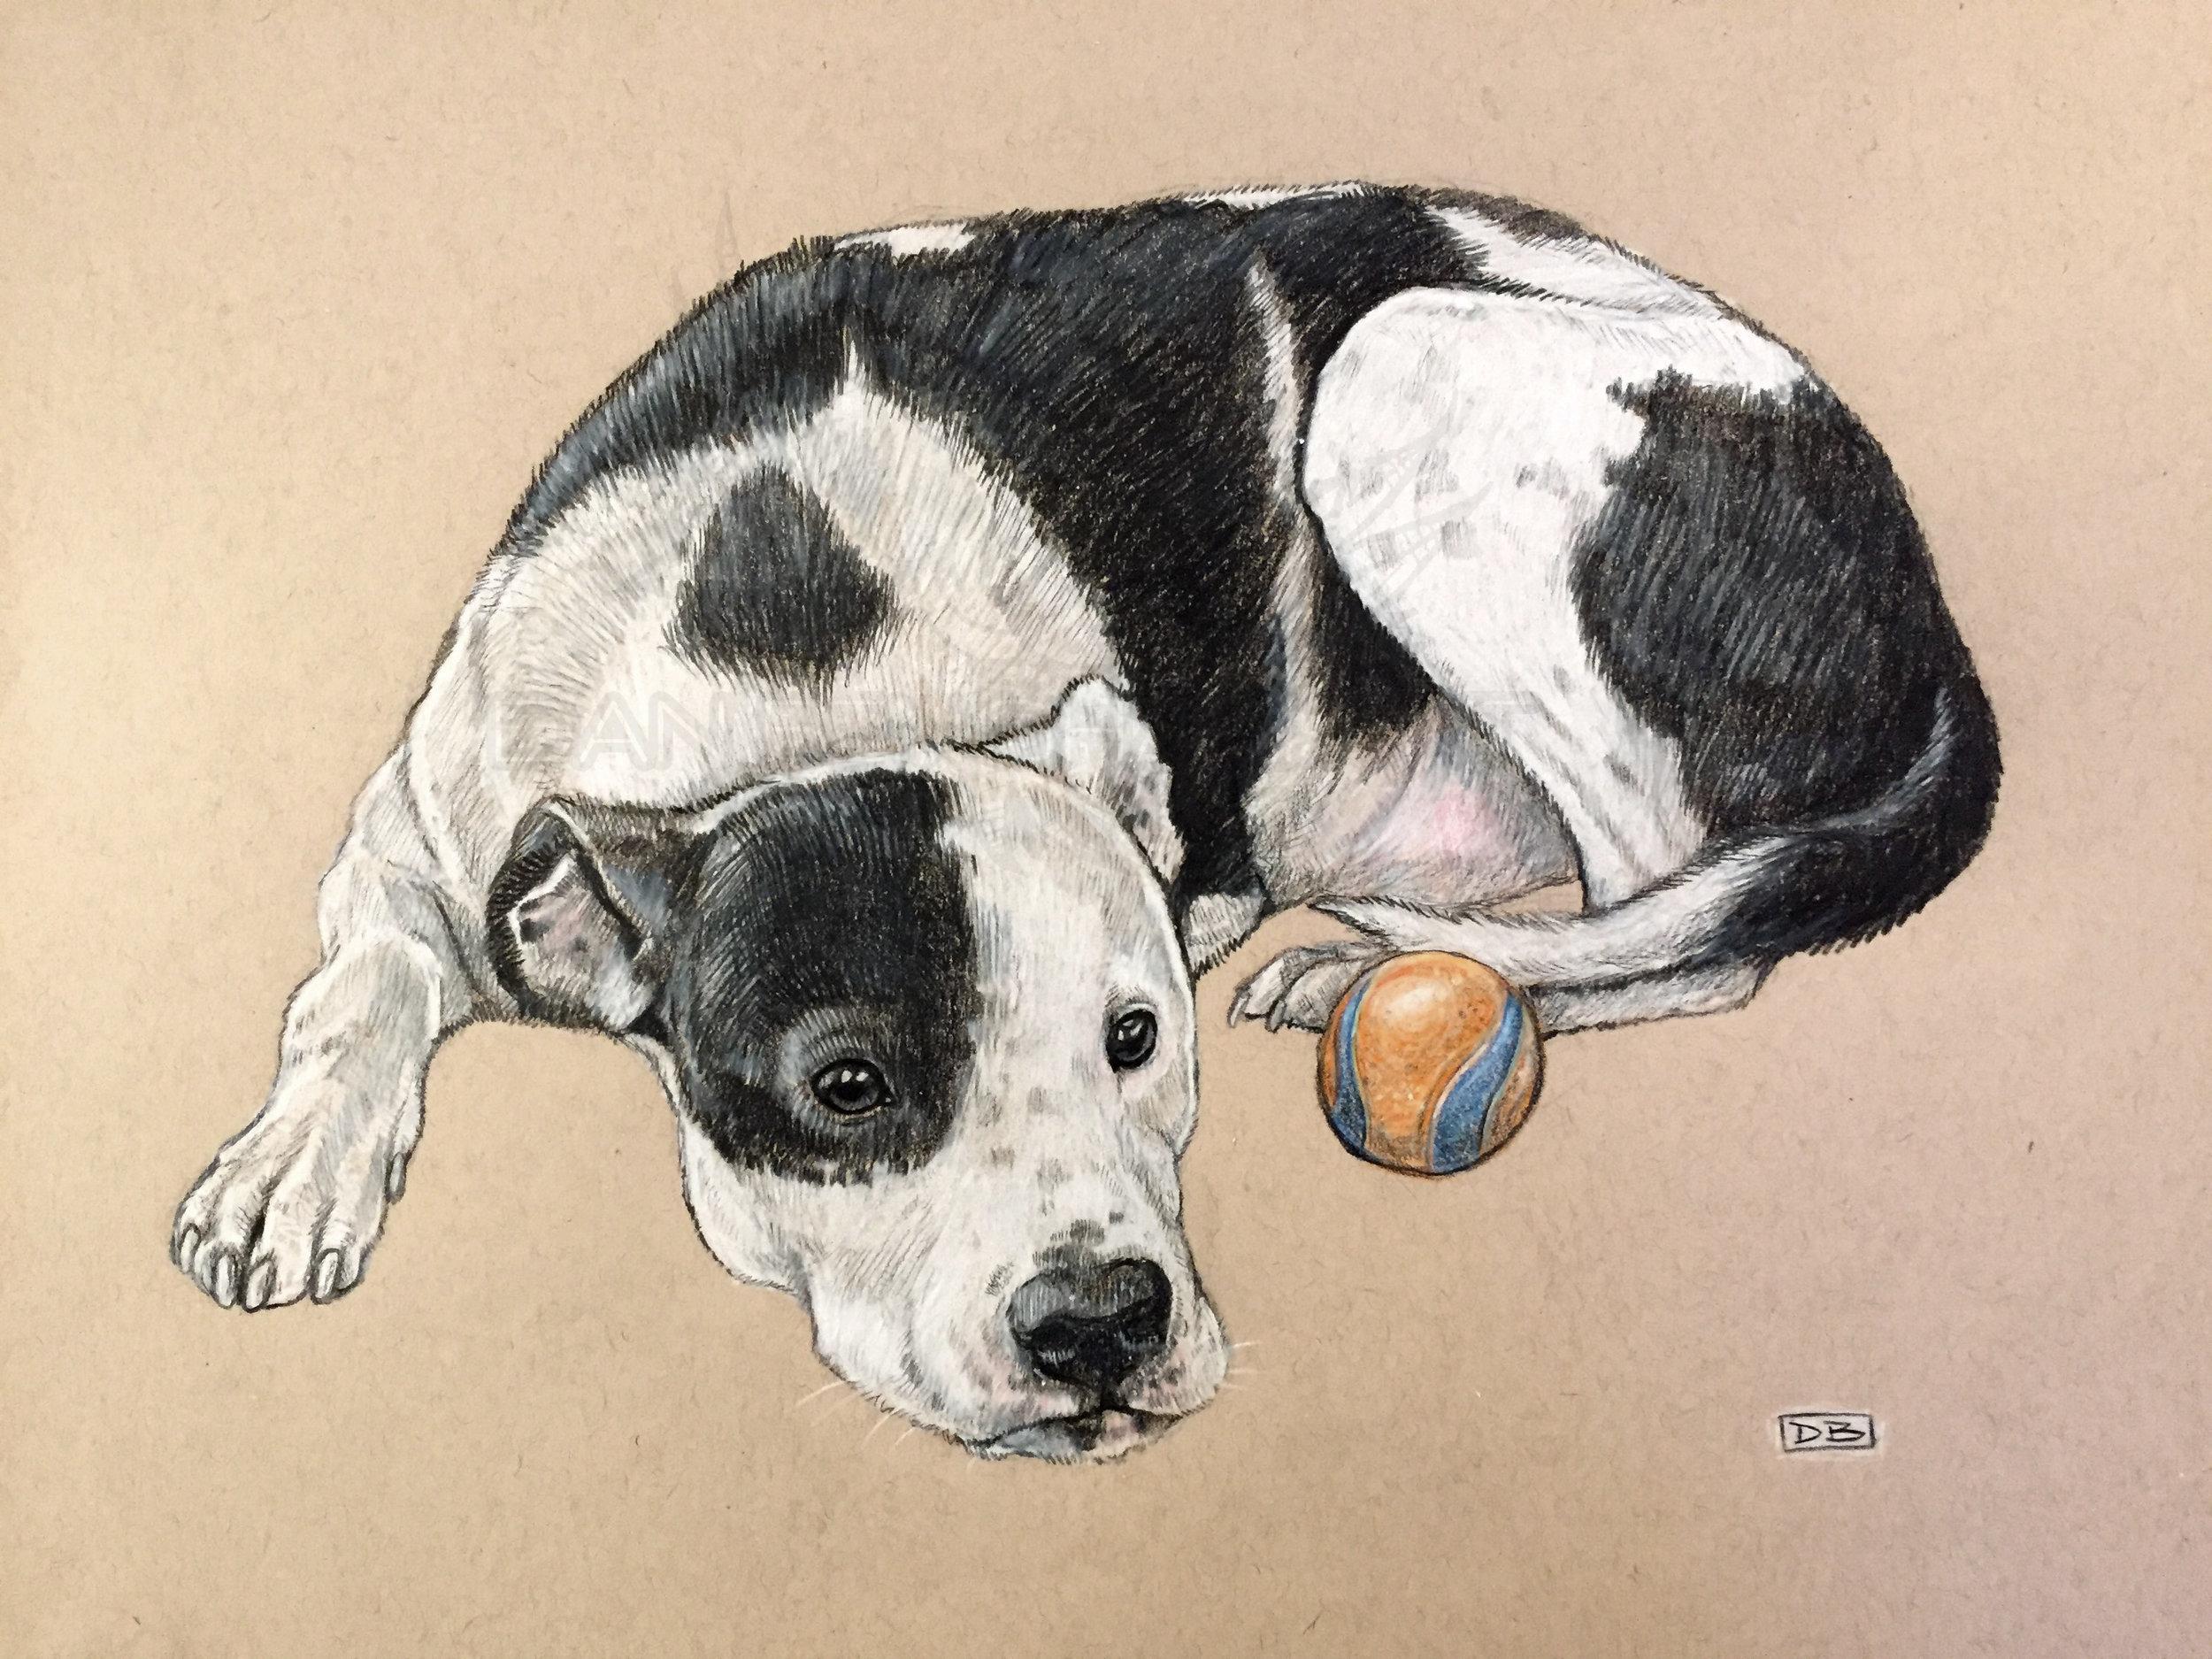 Petey Pet Portrait Commission